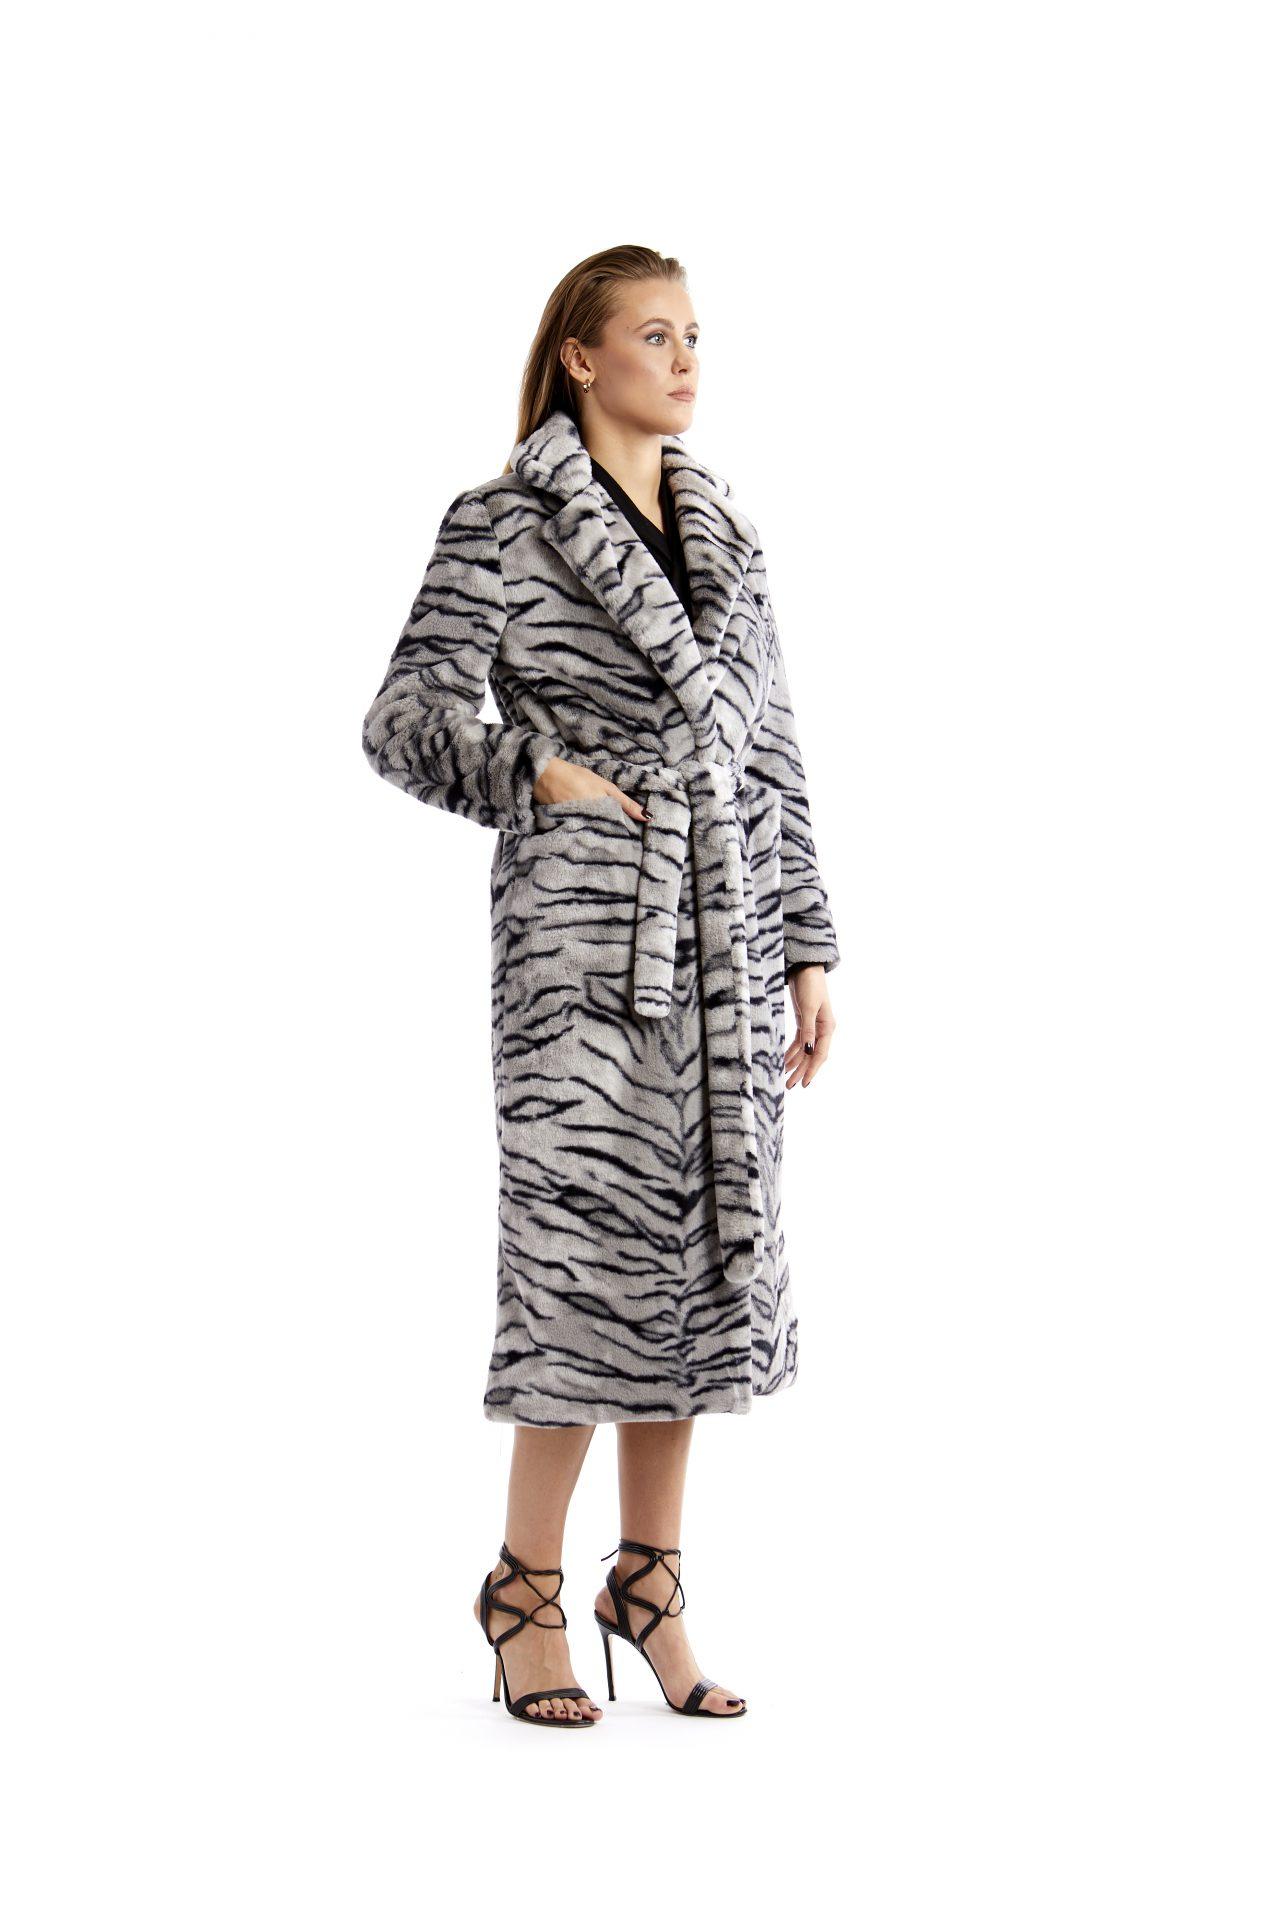 Sofia zebrata bianca e nera